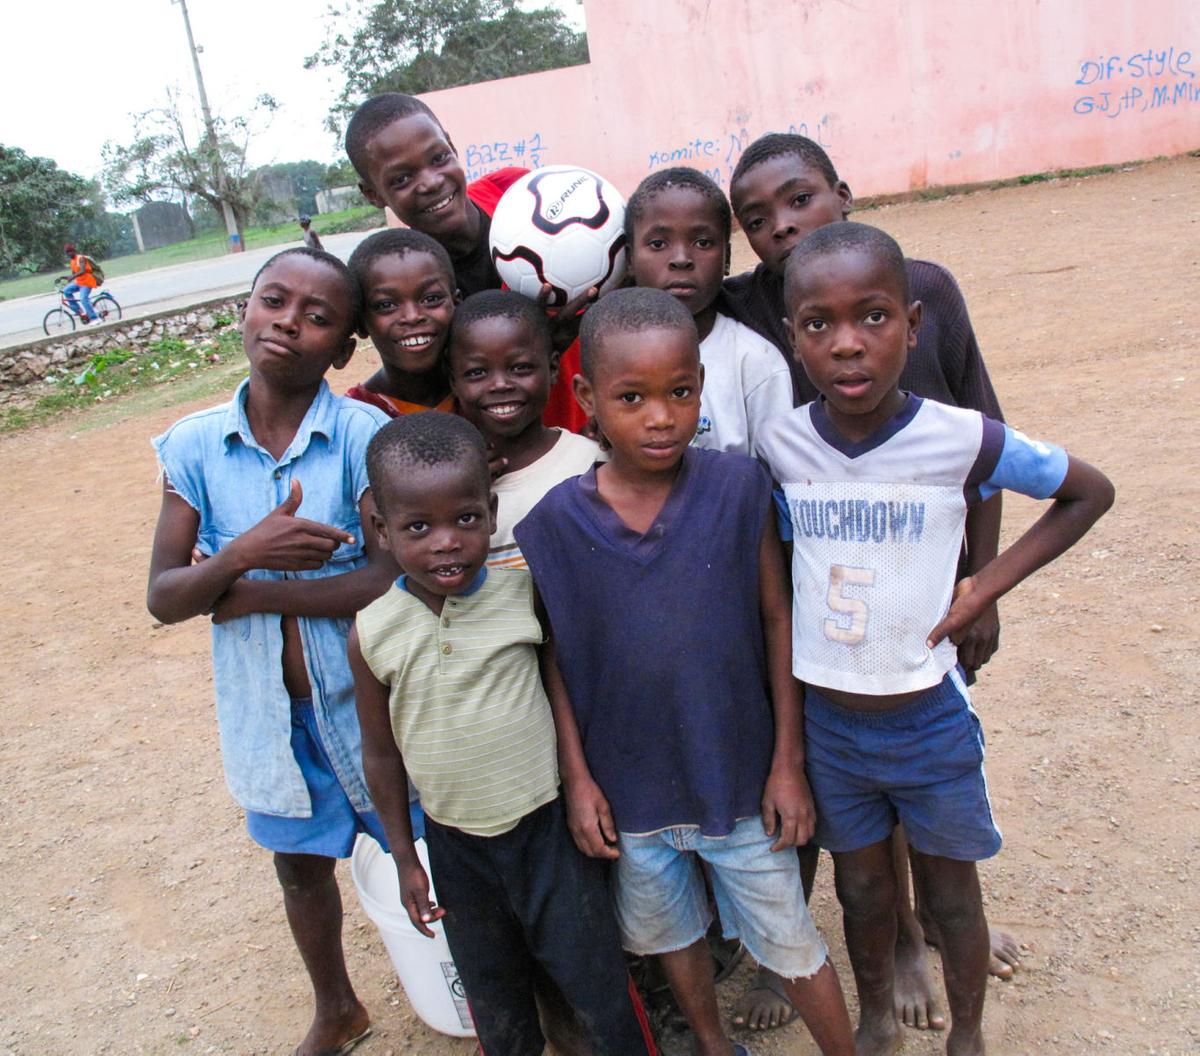 Haitian soccer kids